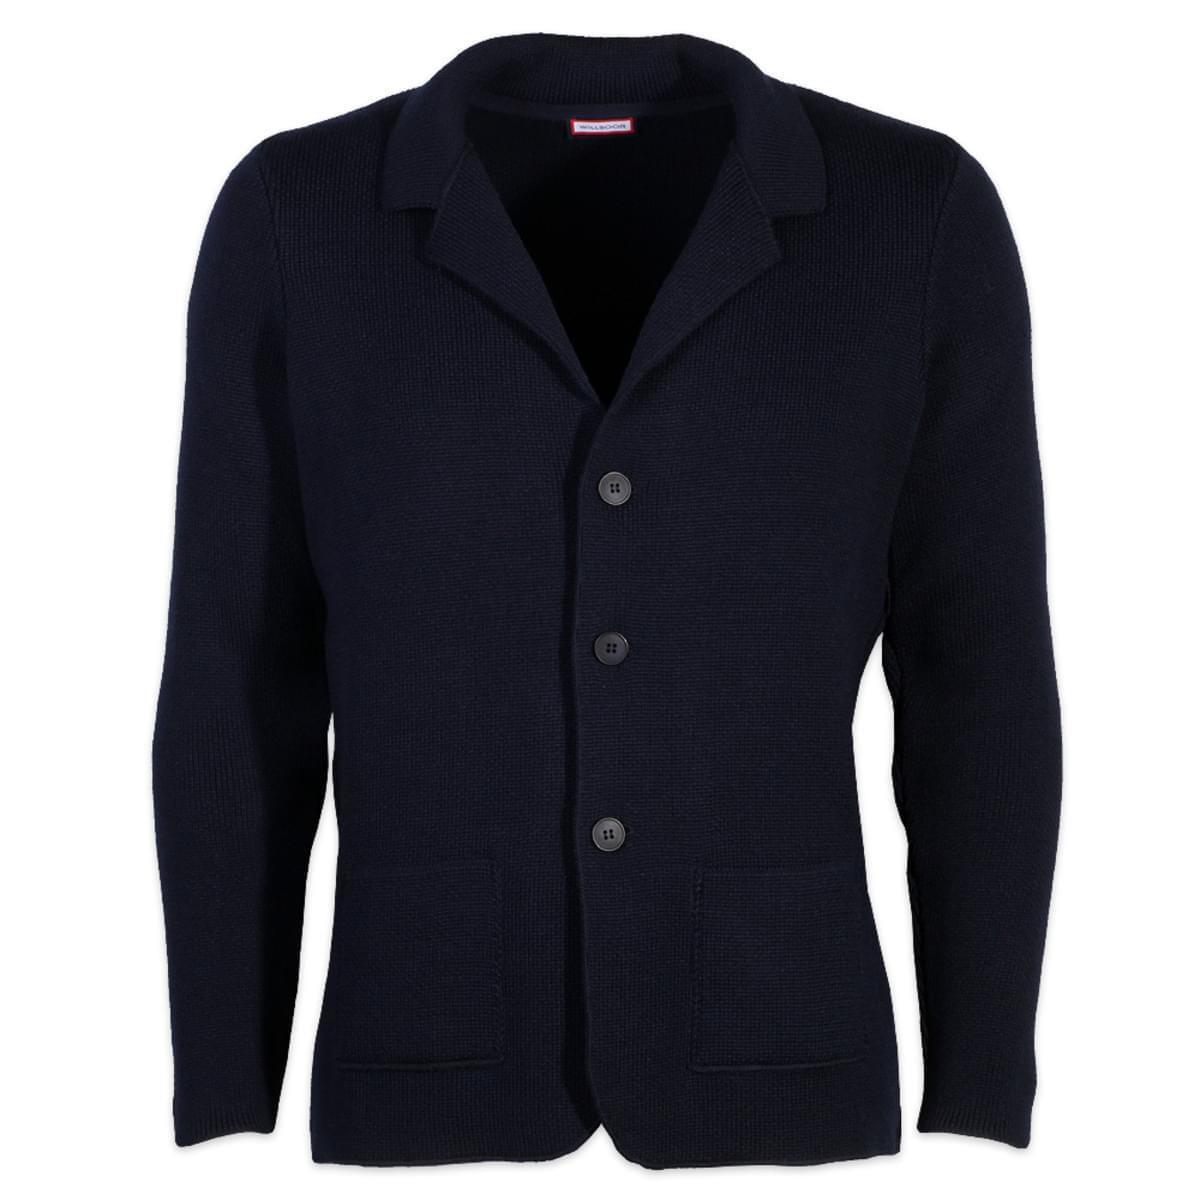 Pánský svetr Willsoor 6025 na knoflíky ve tmavě modré barvě M